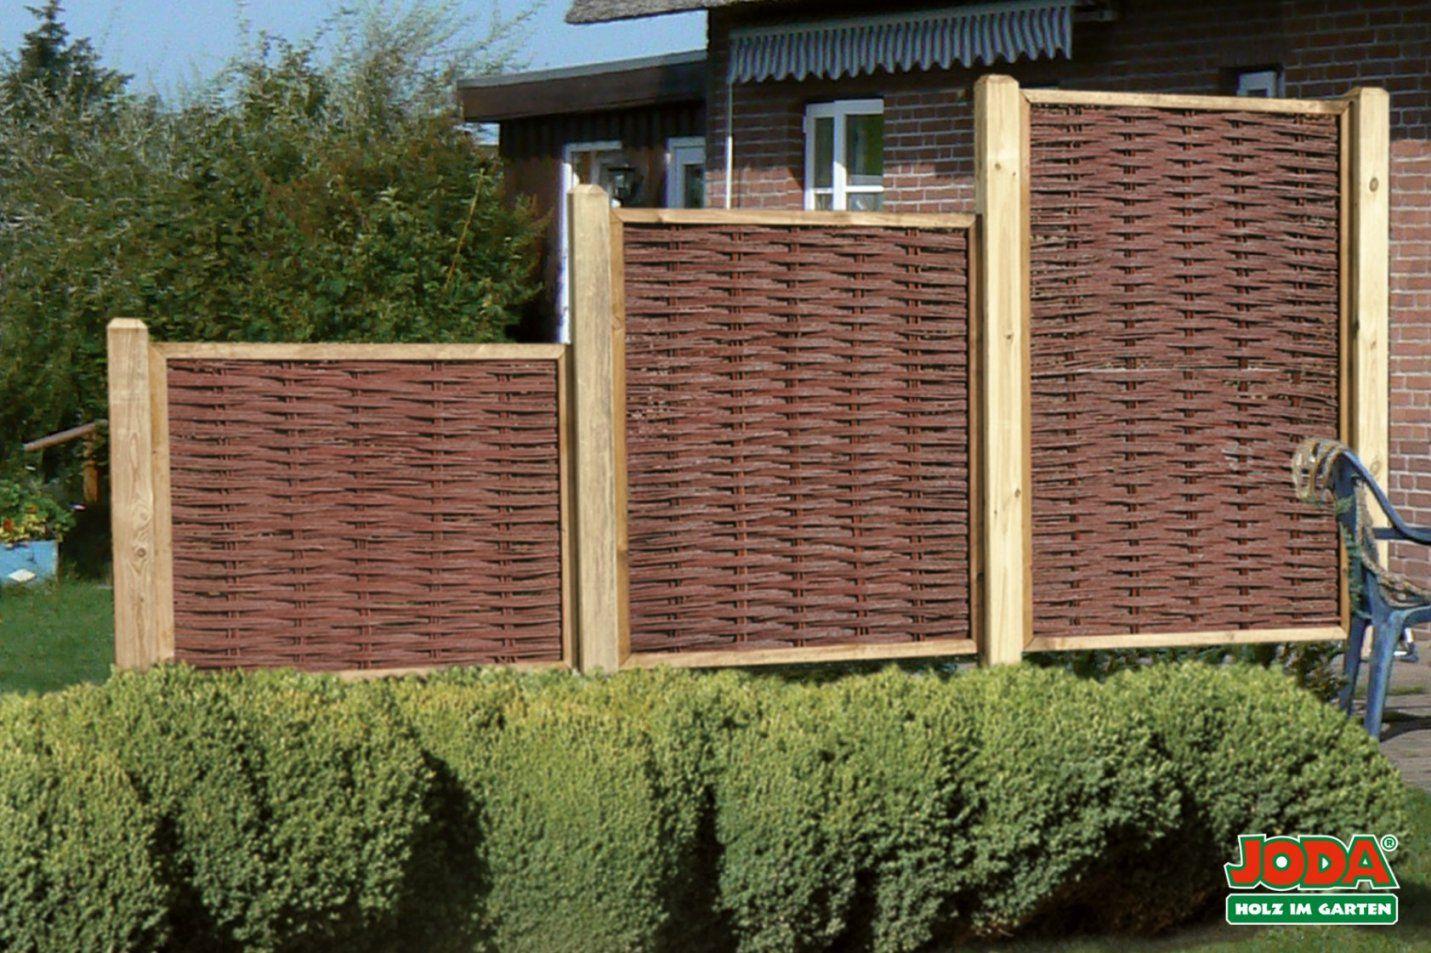 43 Genial Sichtschutz Terrasse Holz Galerieinspirationen  Gushgoods von Sichtschutz Für Duschen Im Freien Photo